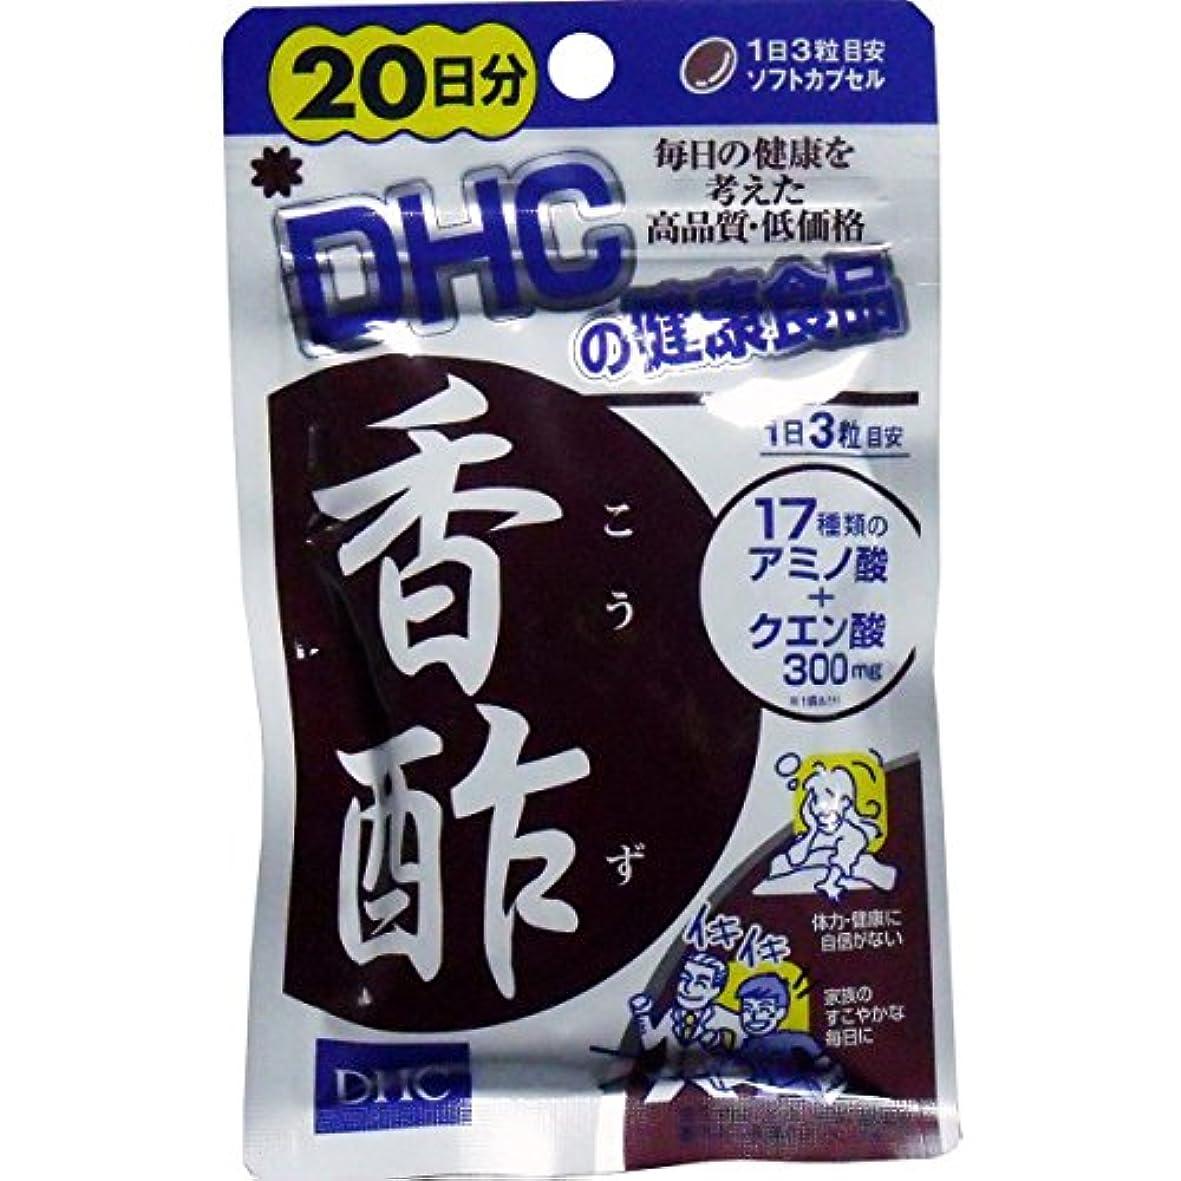 満州余分な地下DHC香酢20日分 60粒【3個セット】